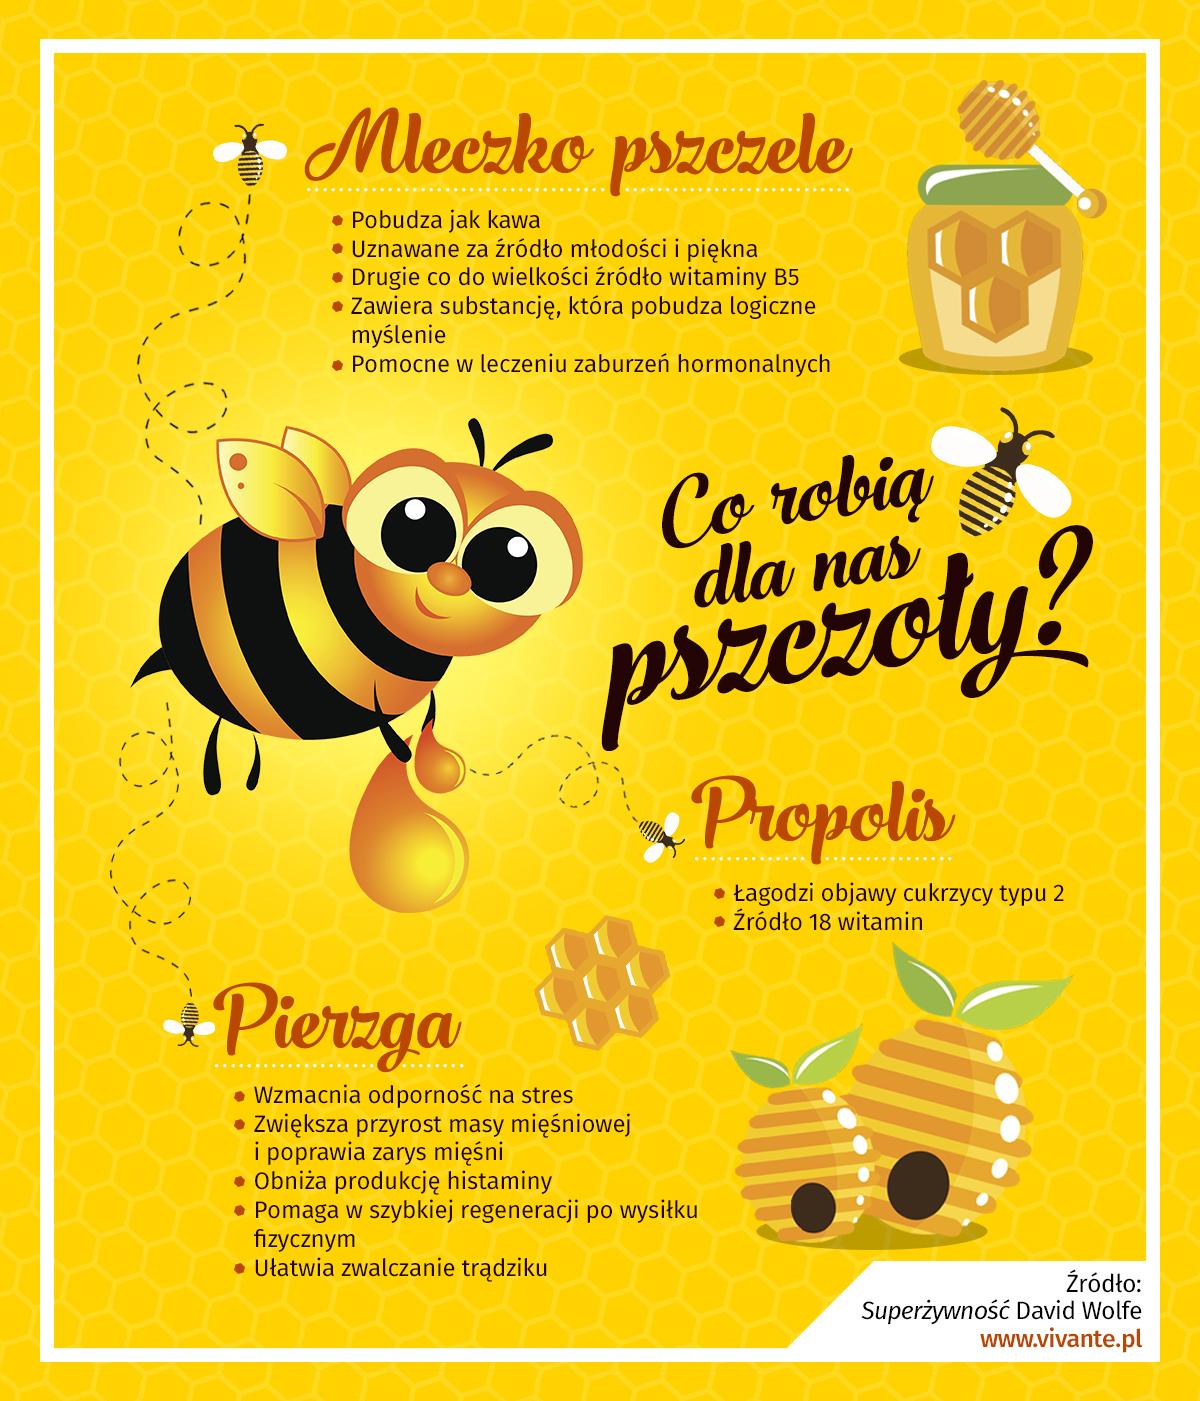 Co robi� dla nas pszczo�y?